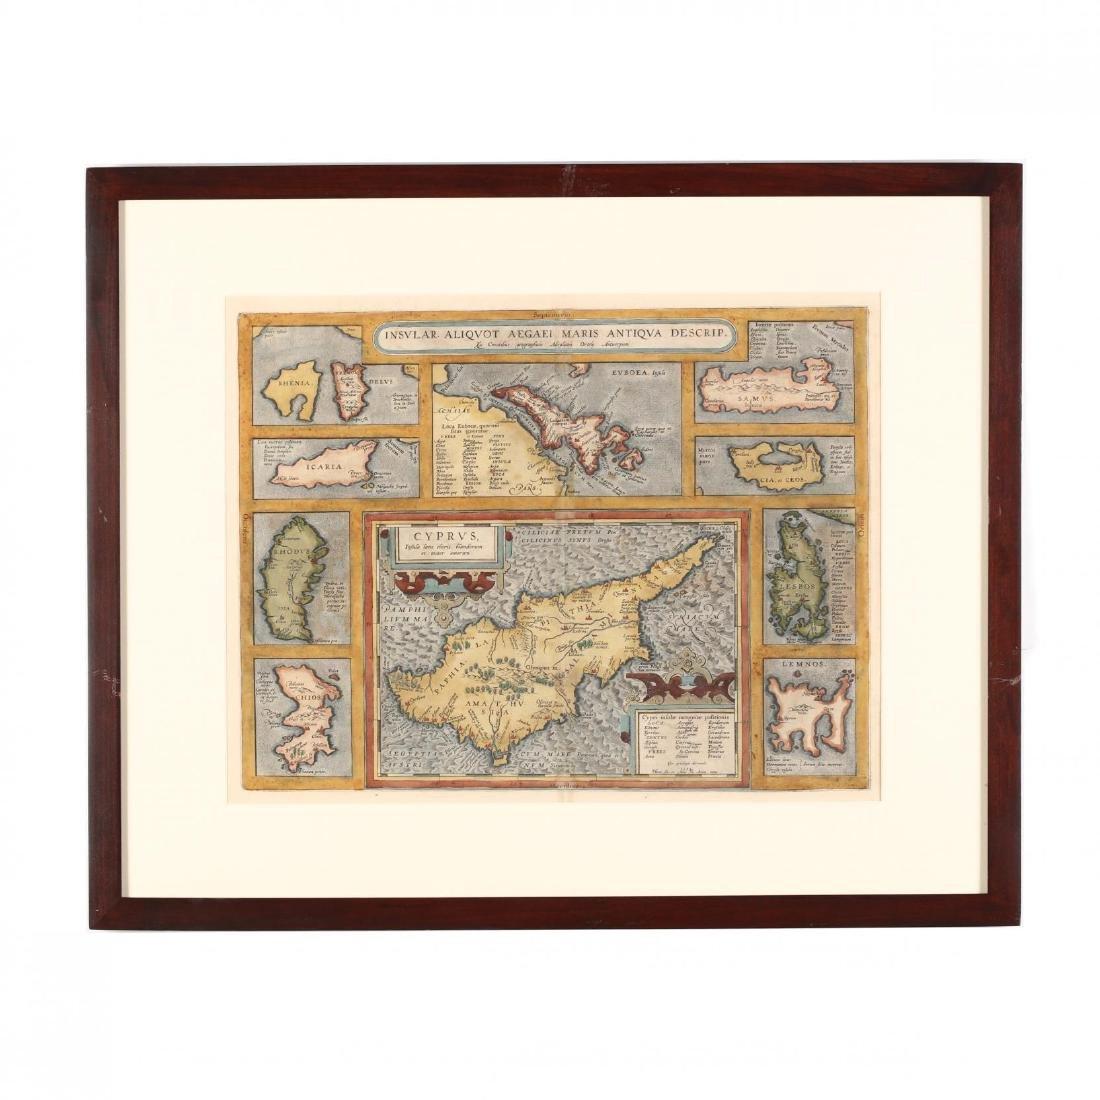 Ortelius, Abraham.  Insular. Aliquot Aegaei Maris